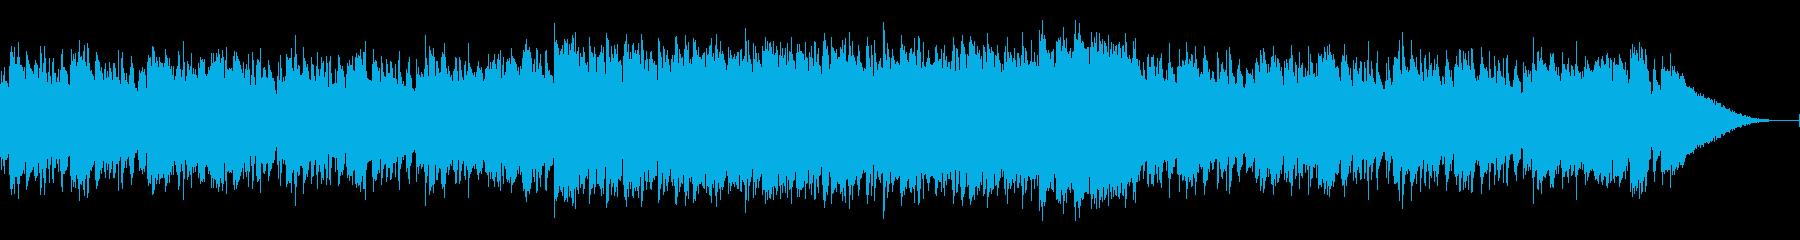 エスニックで情熱的なCM映像用のディスコの再生済みの波形